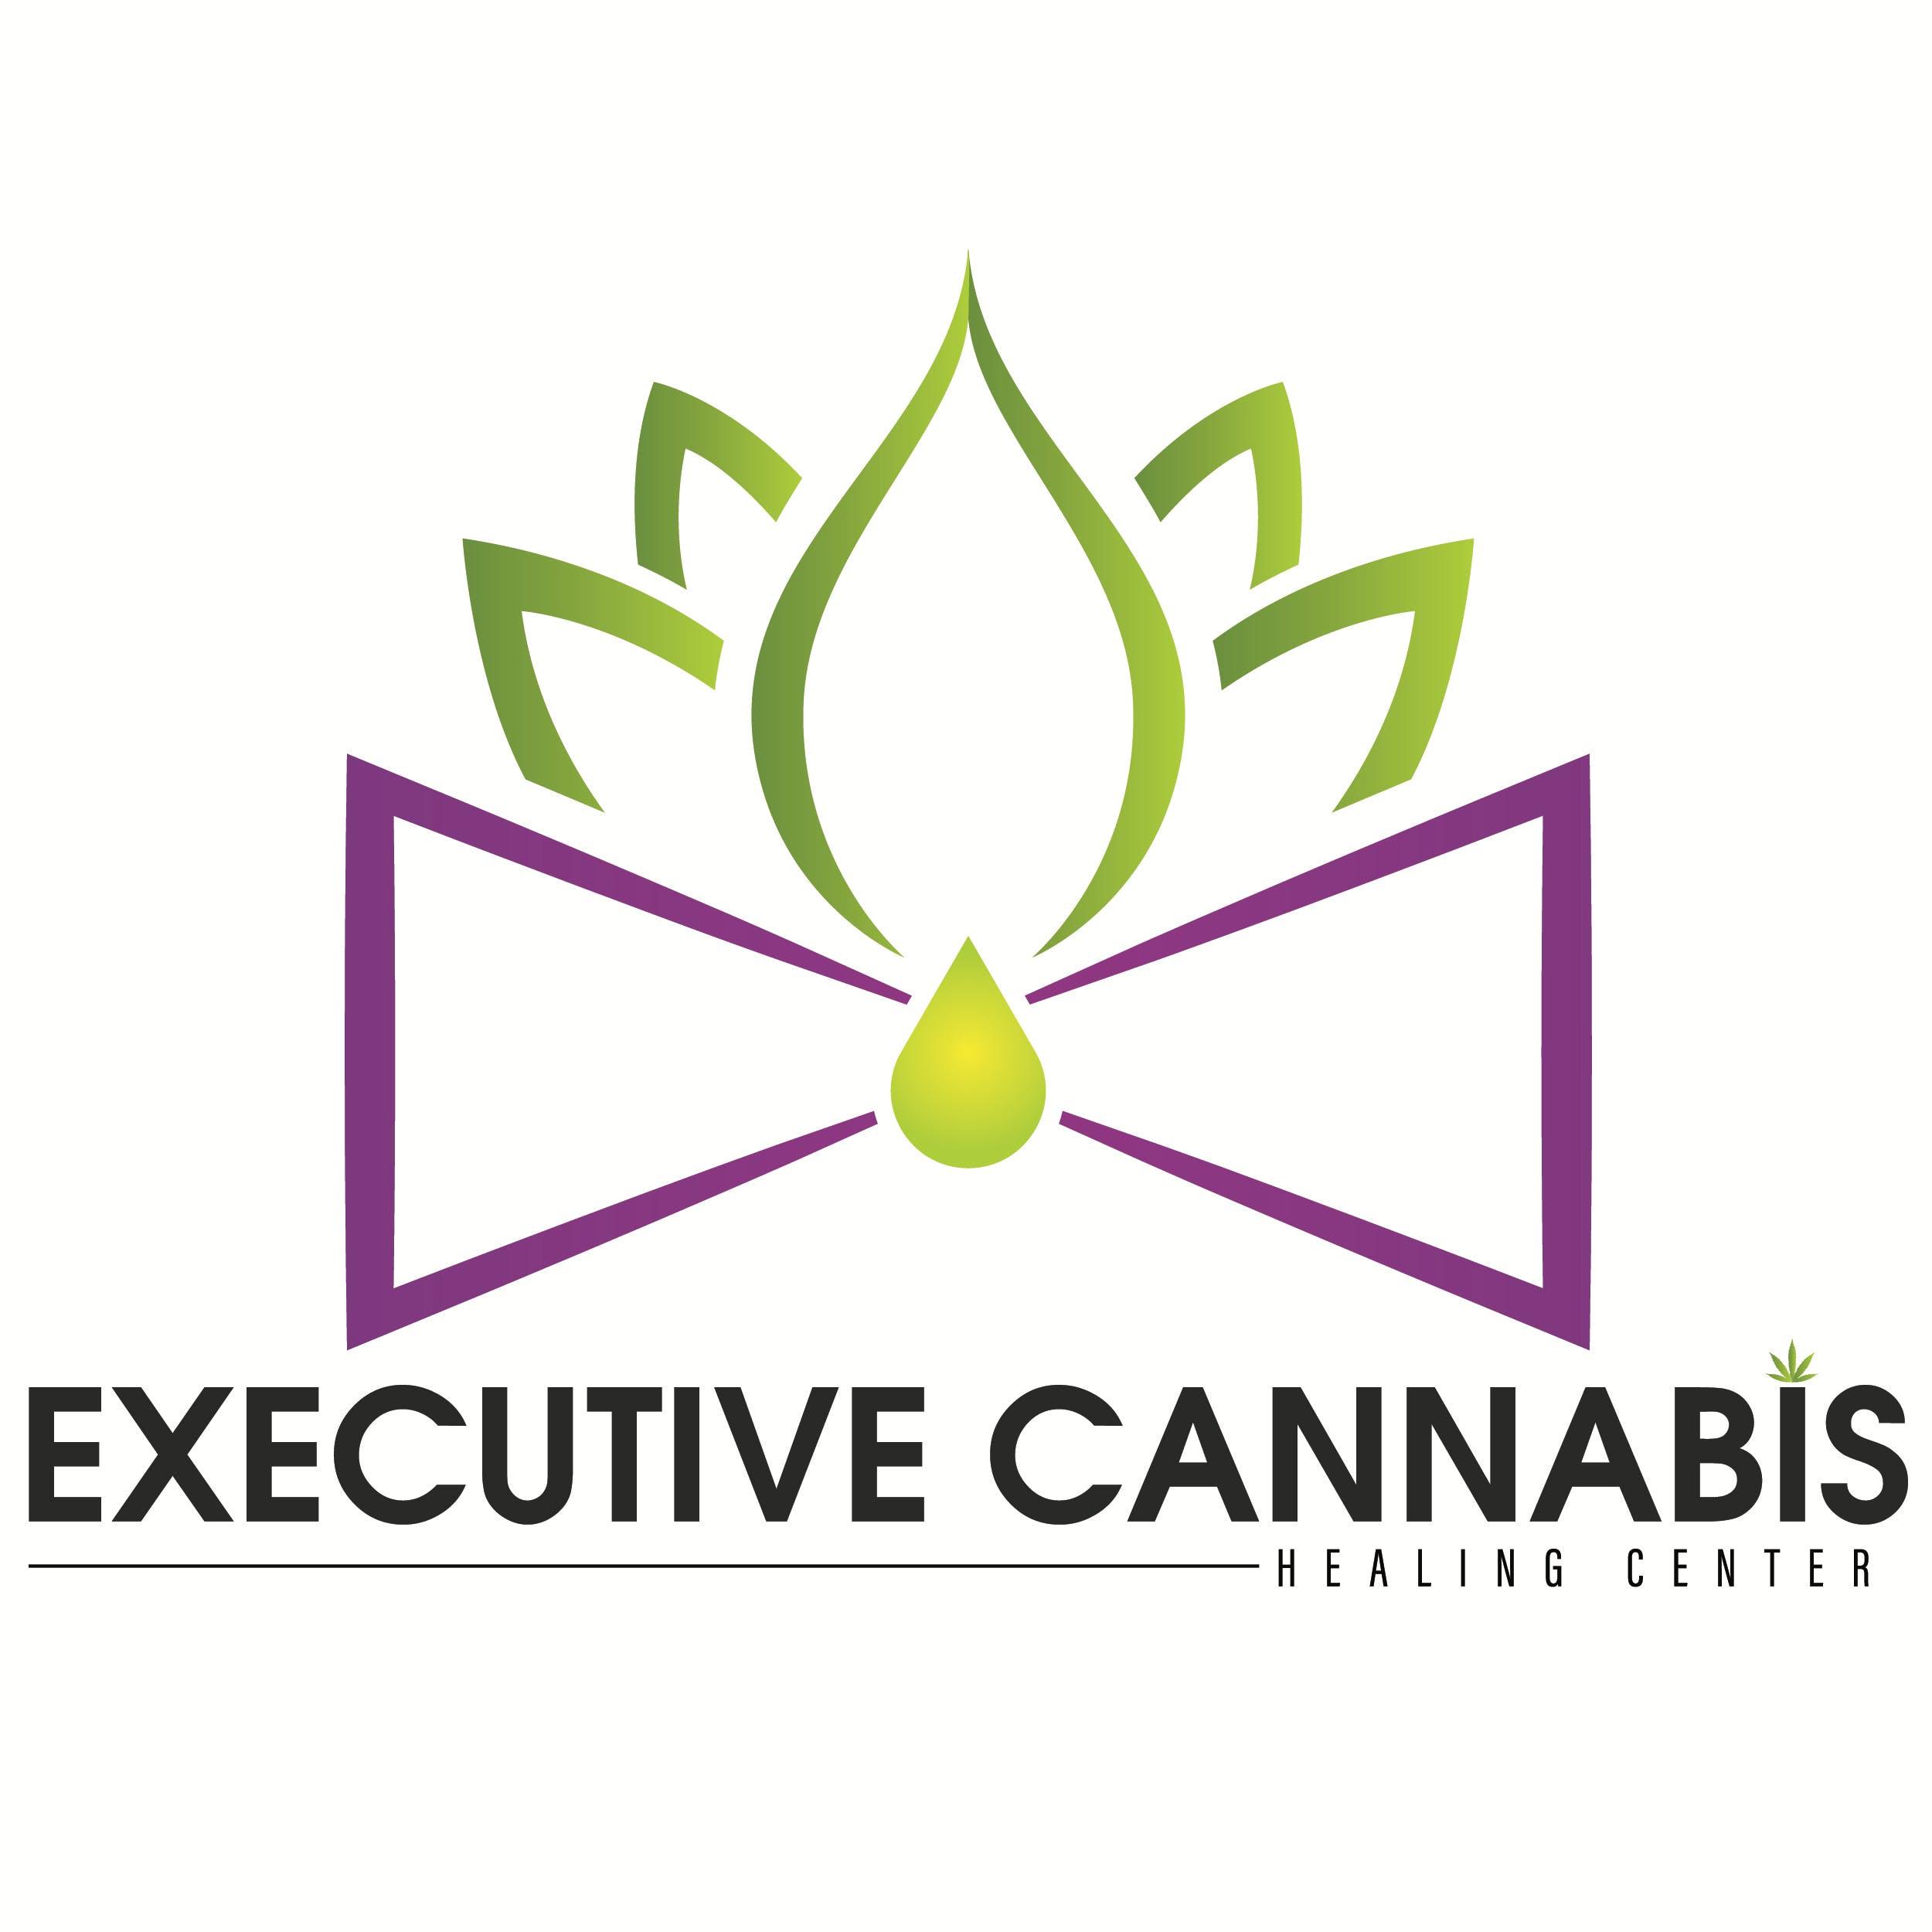 Executive Cannabis